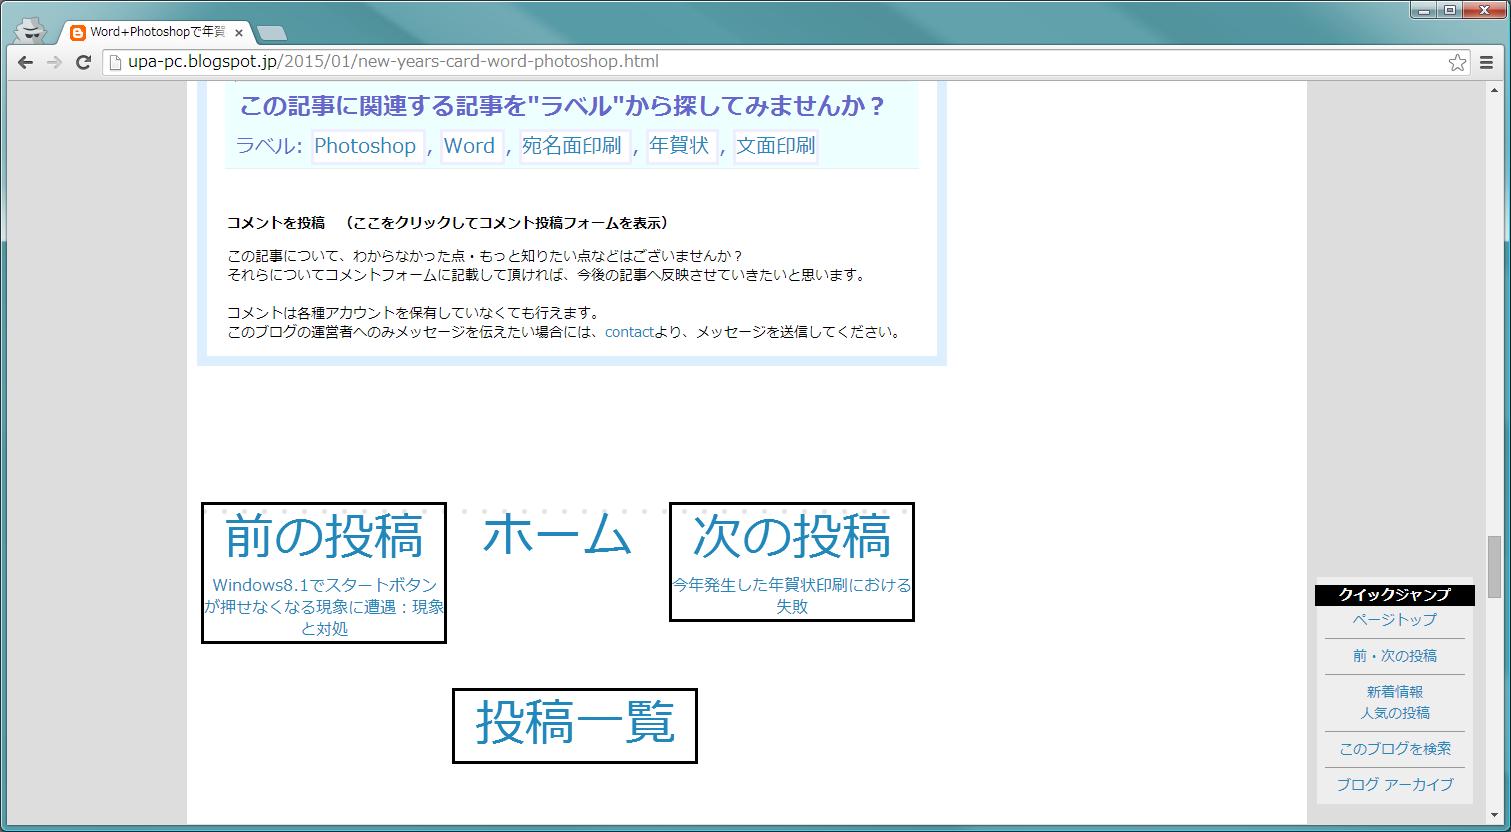 Blogger のブログページ 通常のPC版の表示  モバイル版の表示からPC版の表示に切り替えた時のような、 「モバイル バージョンを表示」というリンクはない